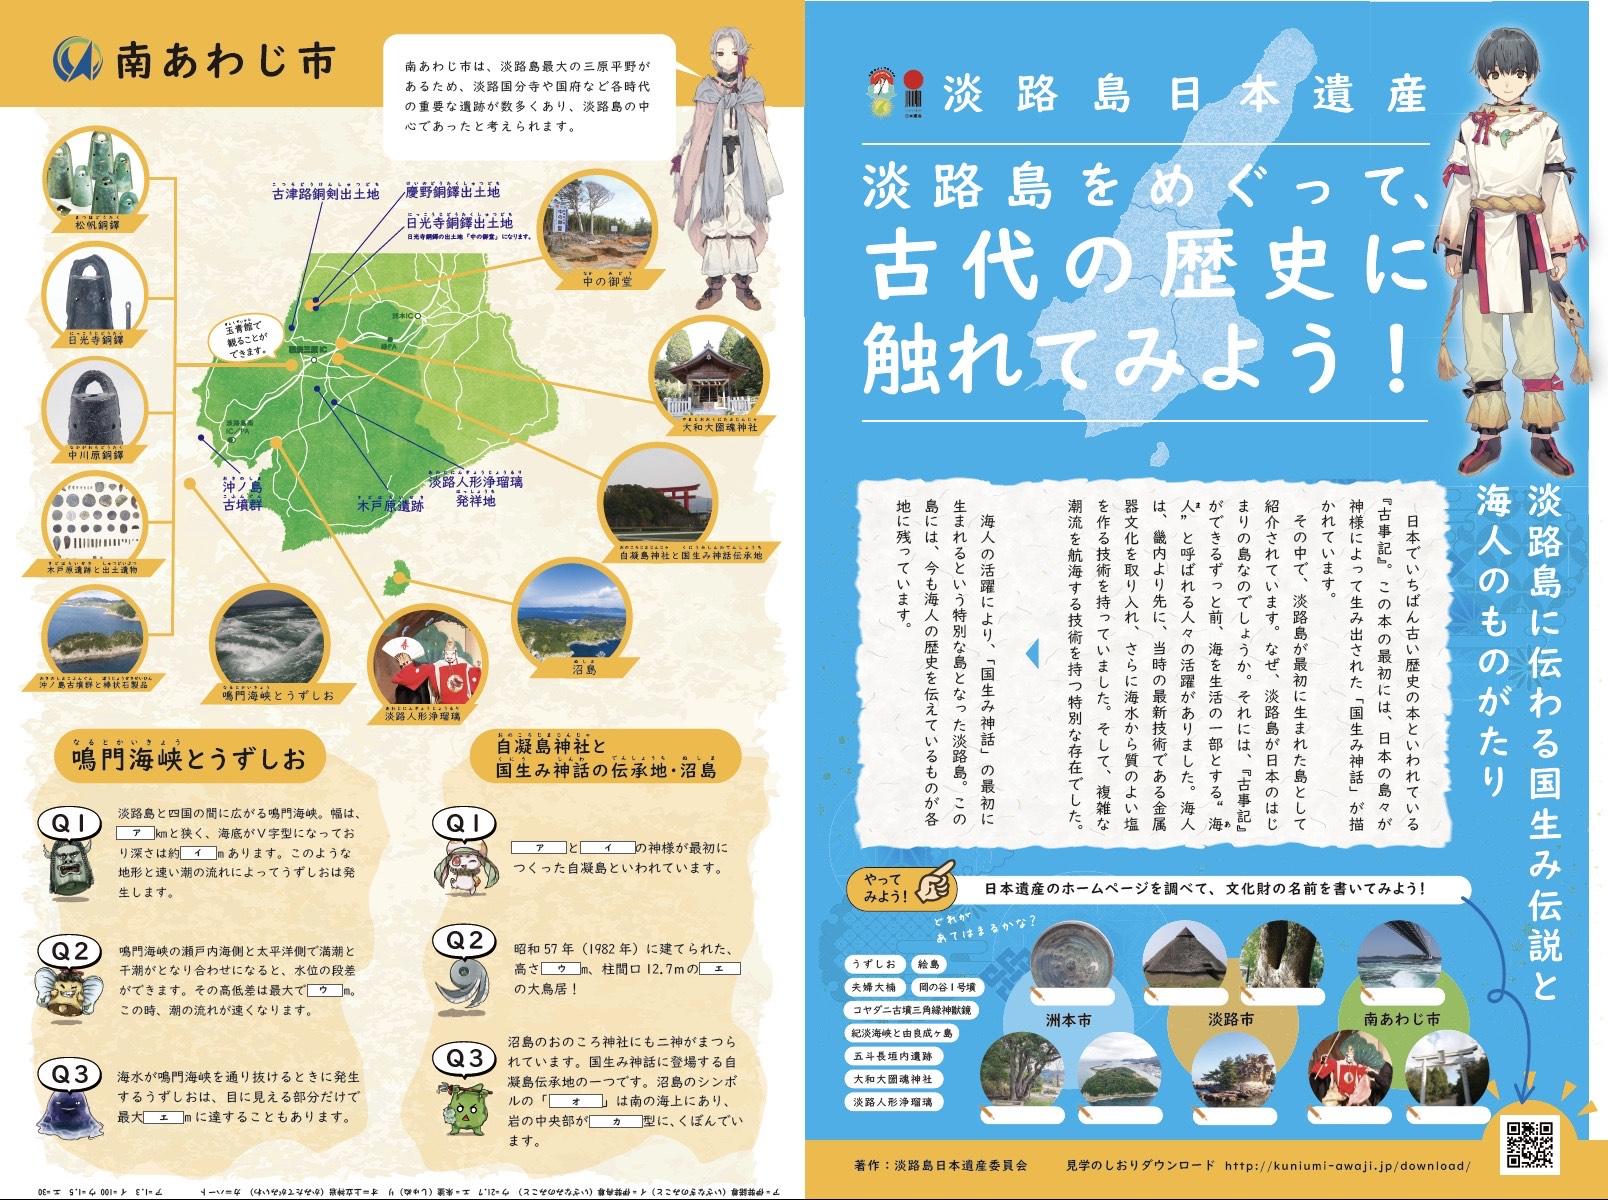 淡路島日本遺産の小中学生向けのリーフレットが完成